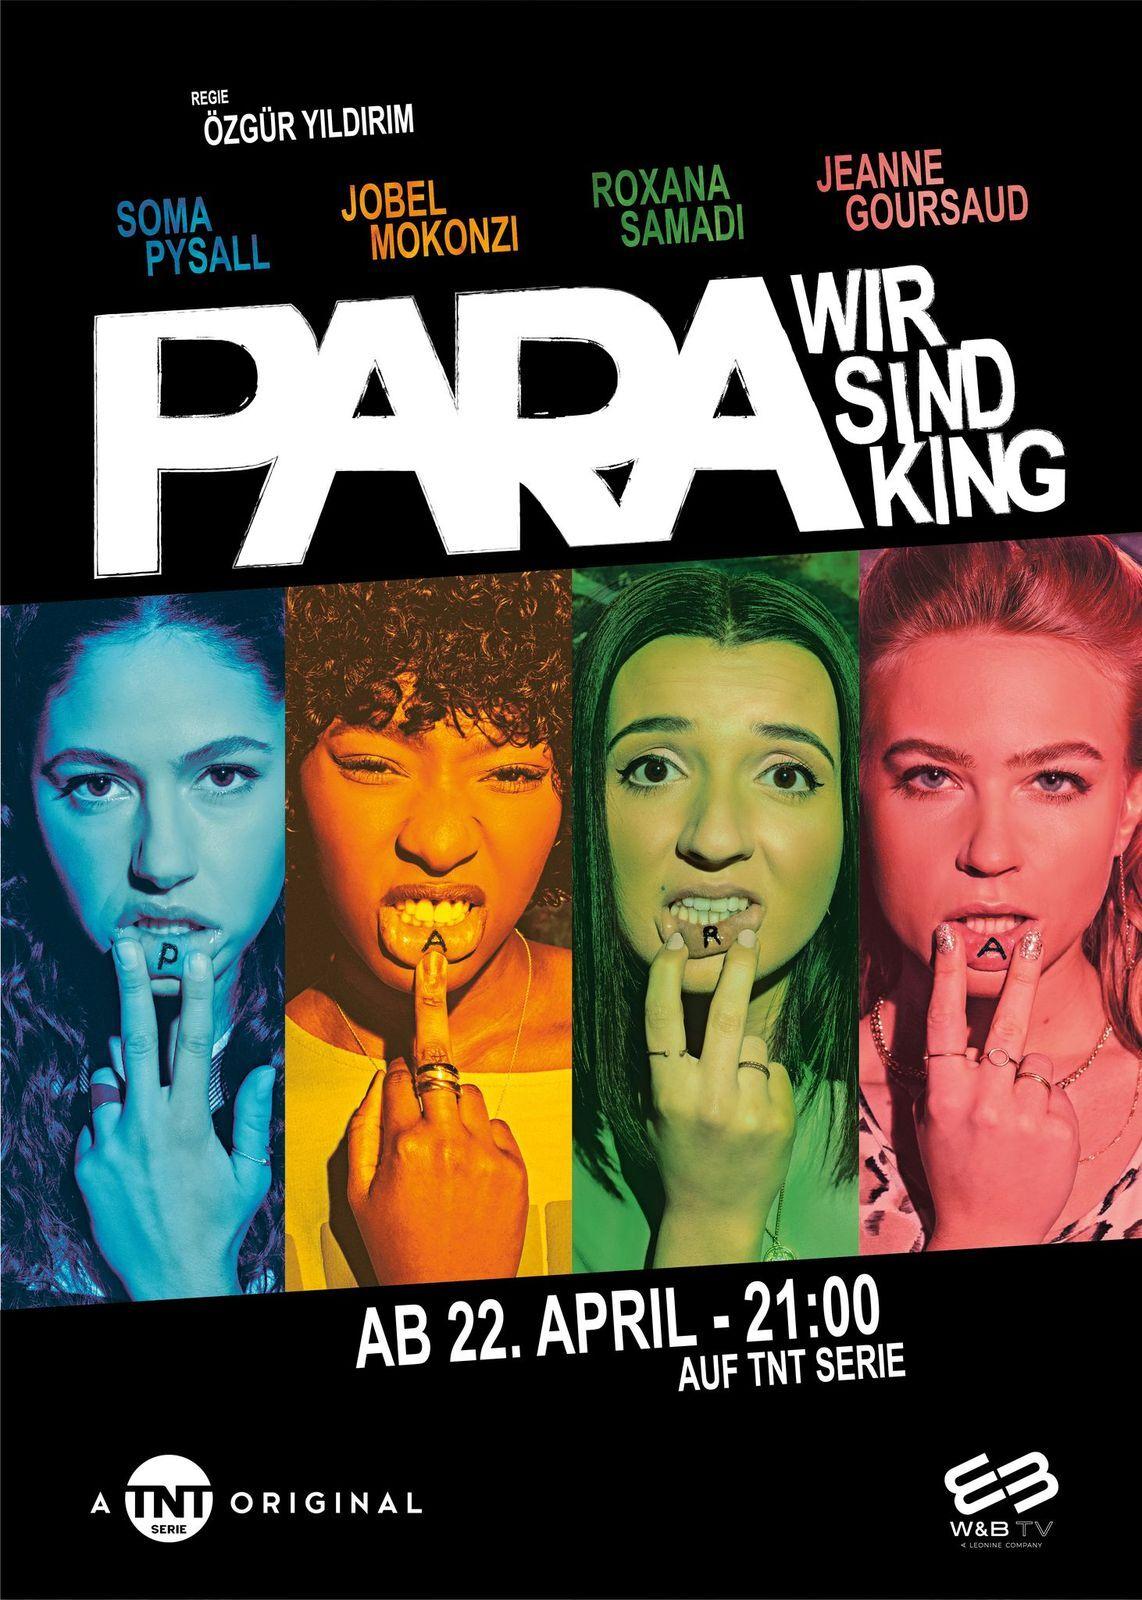 Image for Para - Wir sind King | Sendungen | TNT Serie ab 22.4.